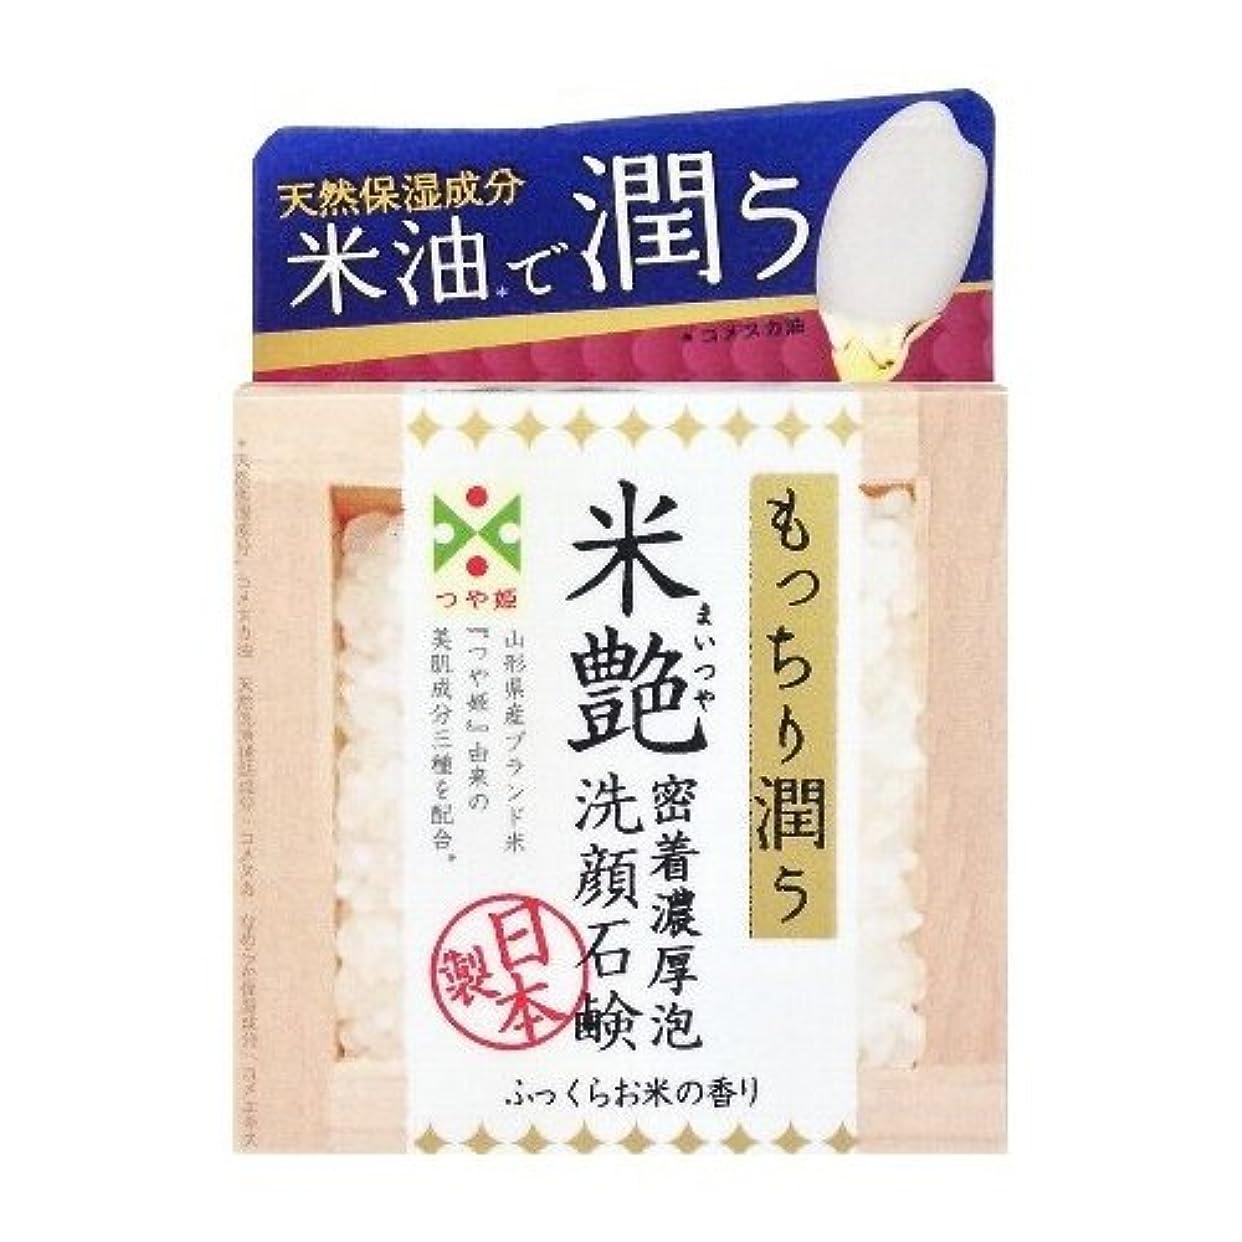 受け入れ中に変更ペリカン石鹸 米艶洗顔石鹸 100g